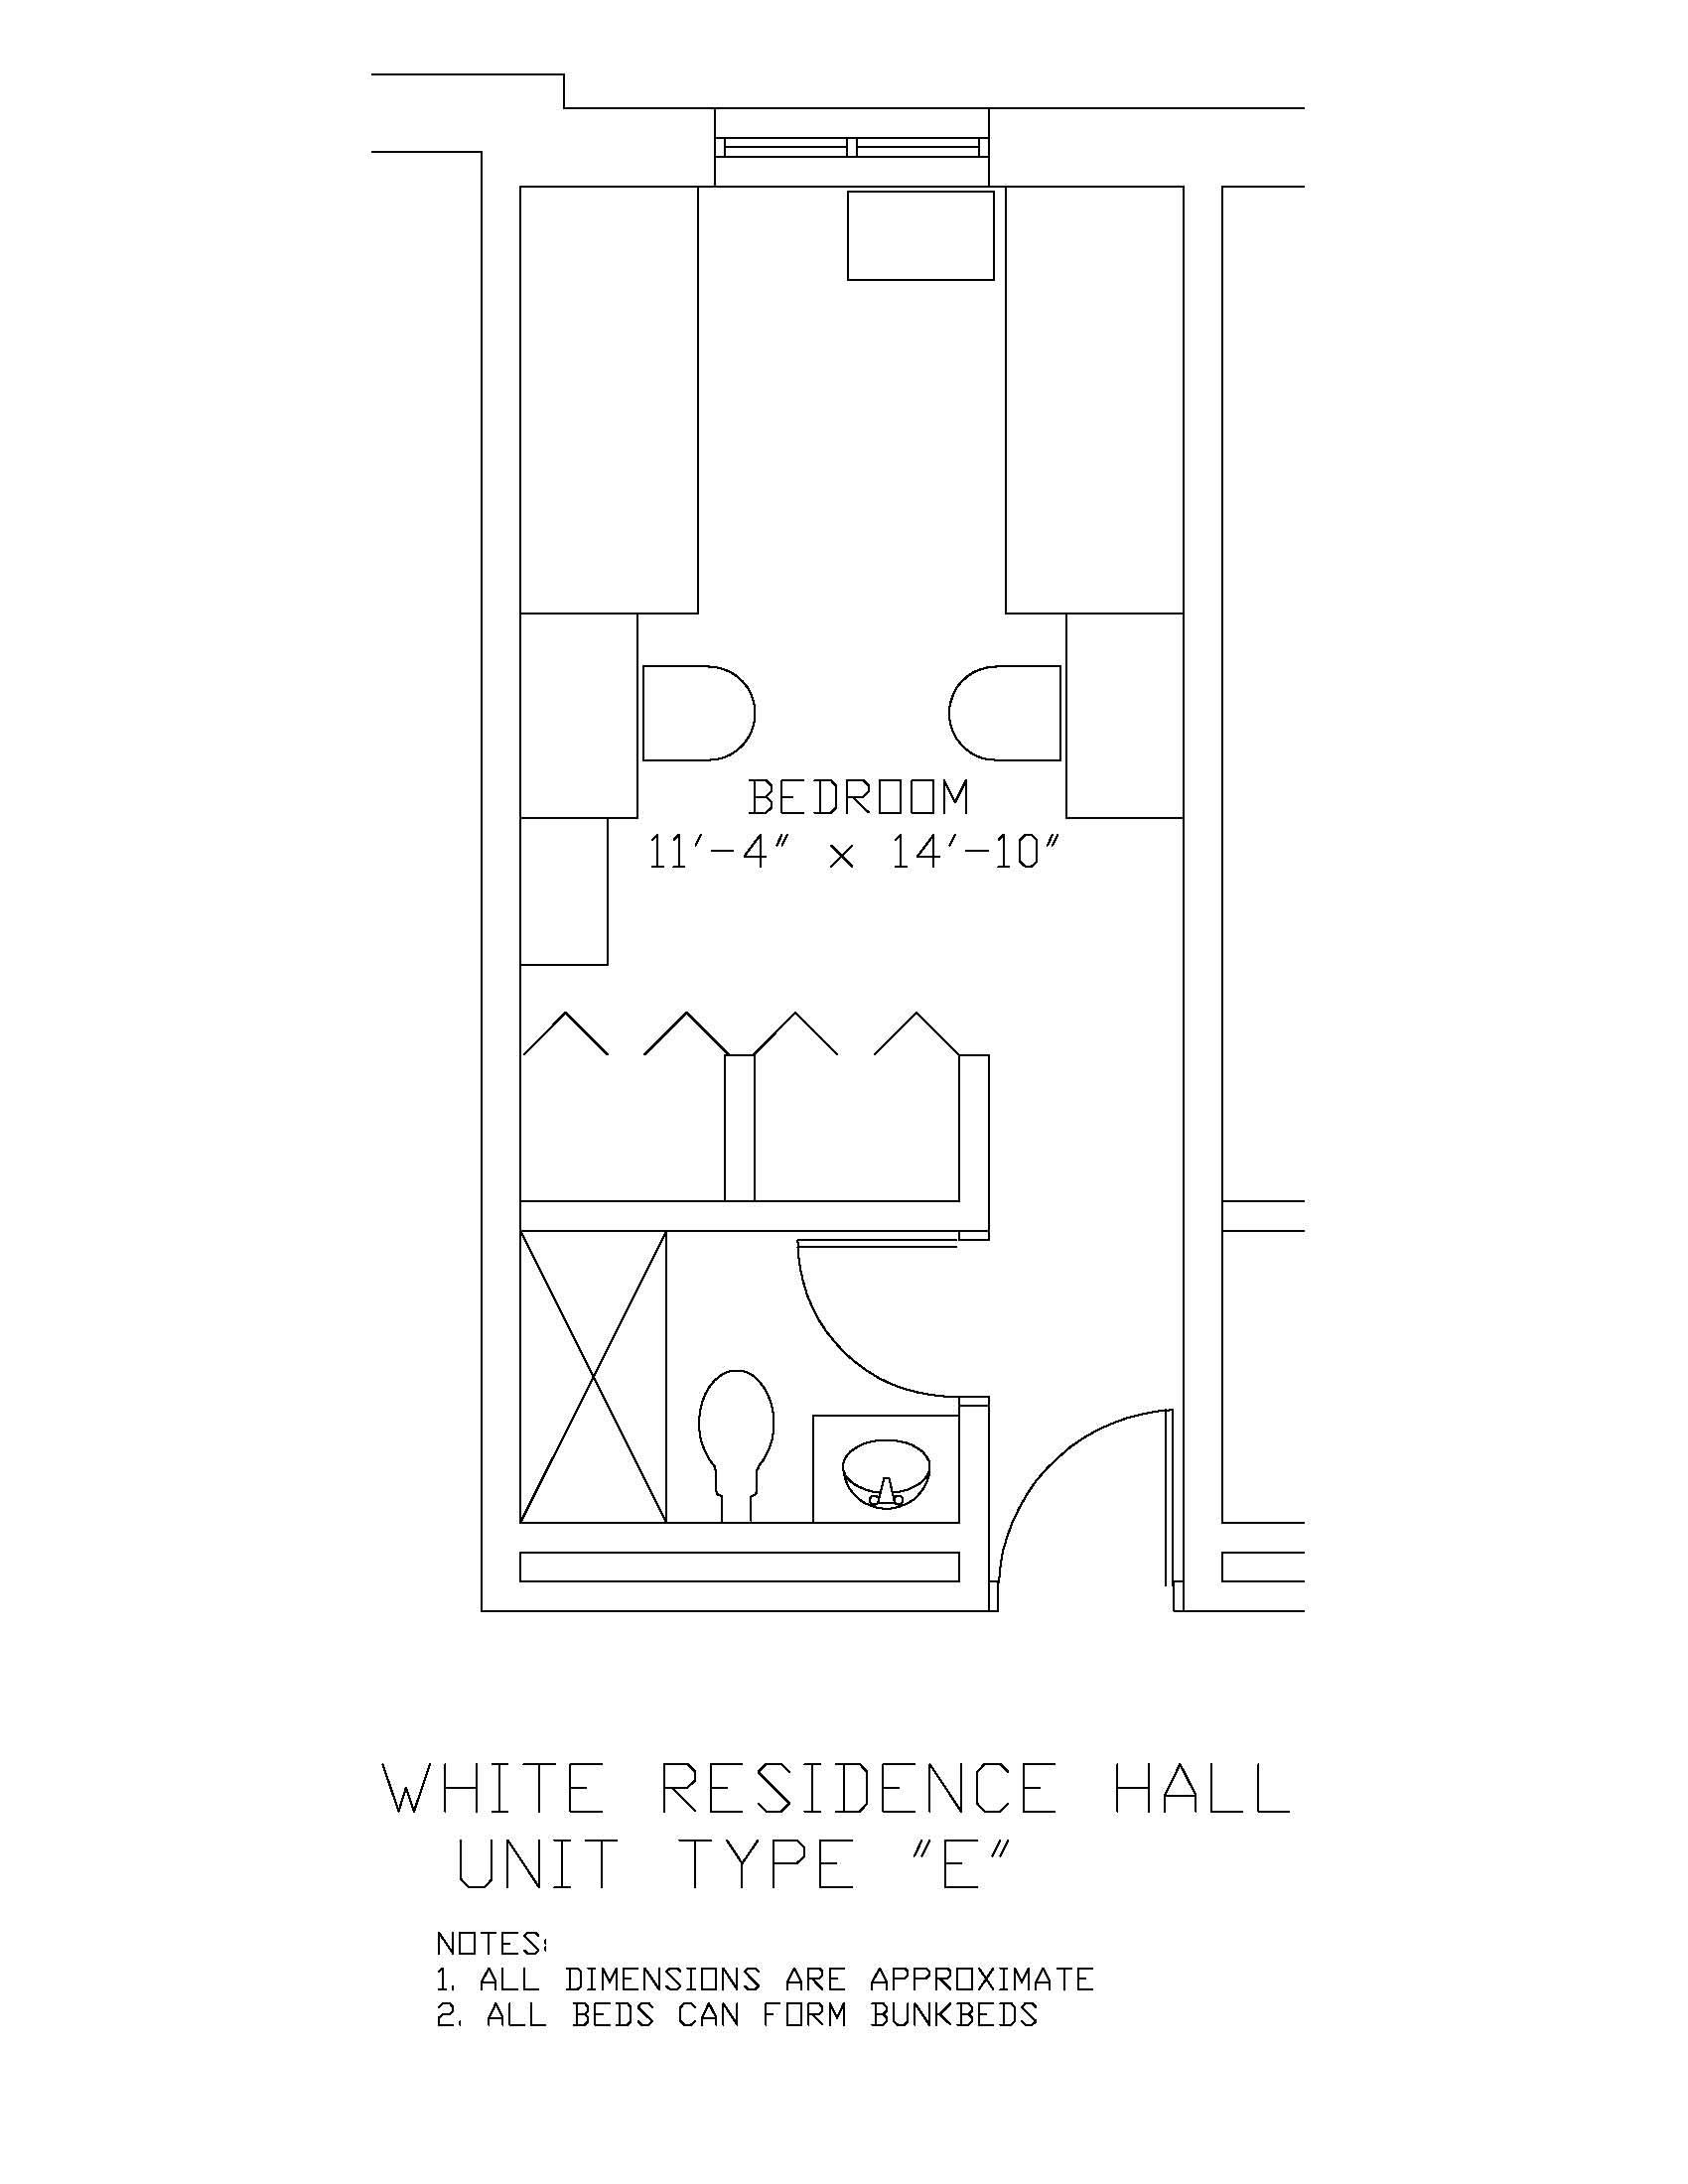 James S. White Hall: Type E